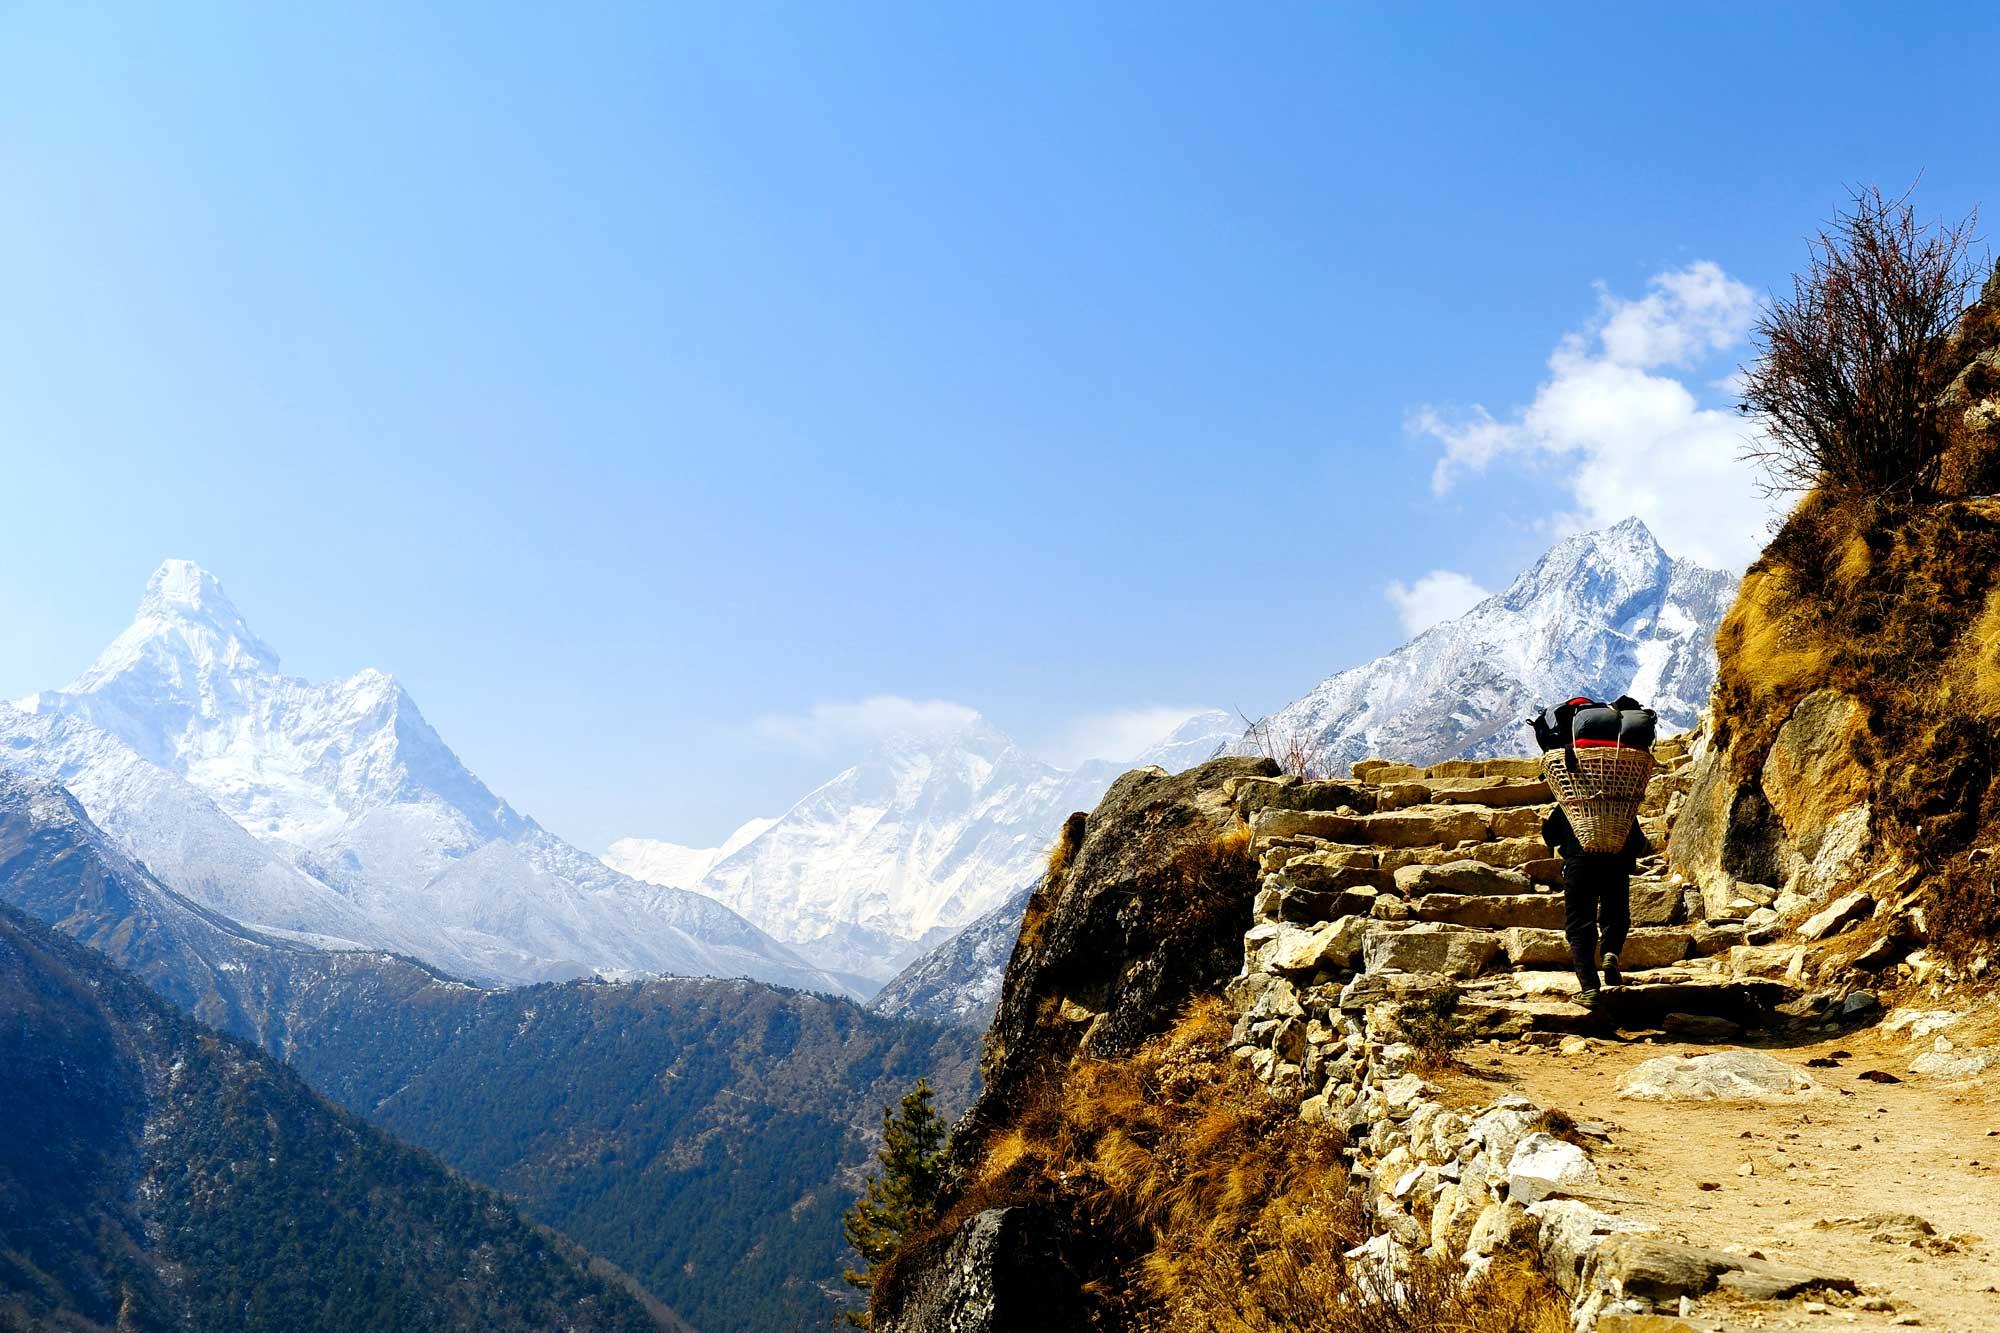 Royal trek trail